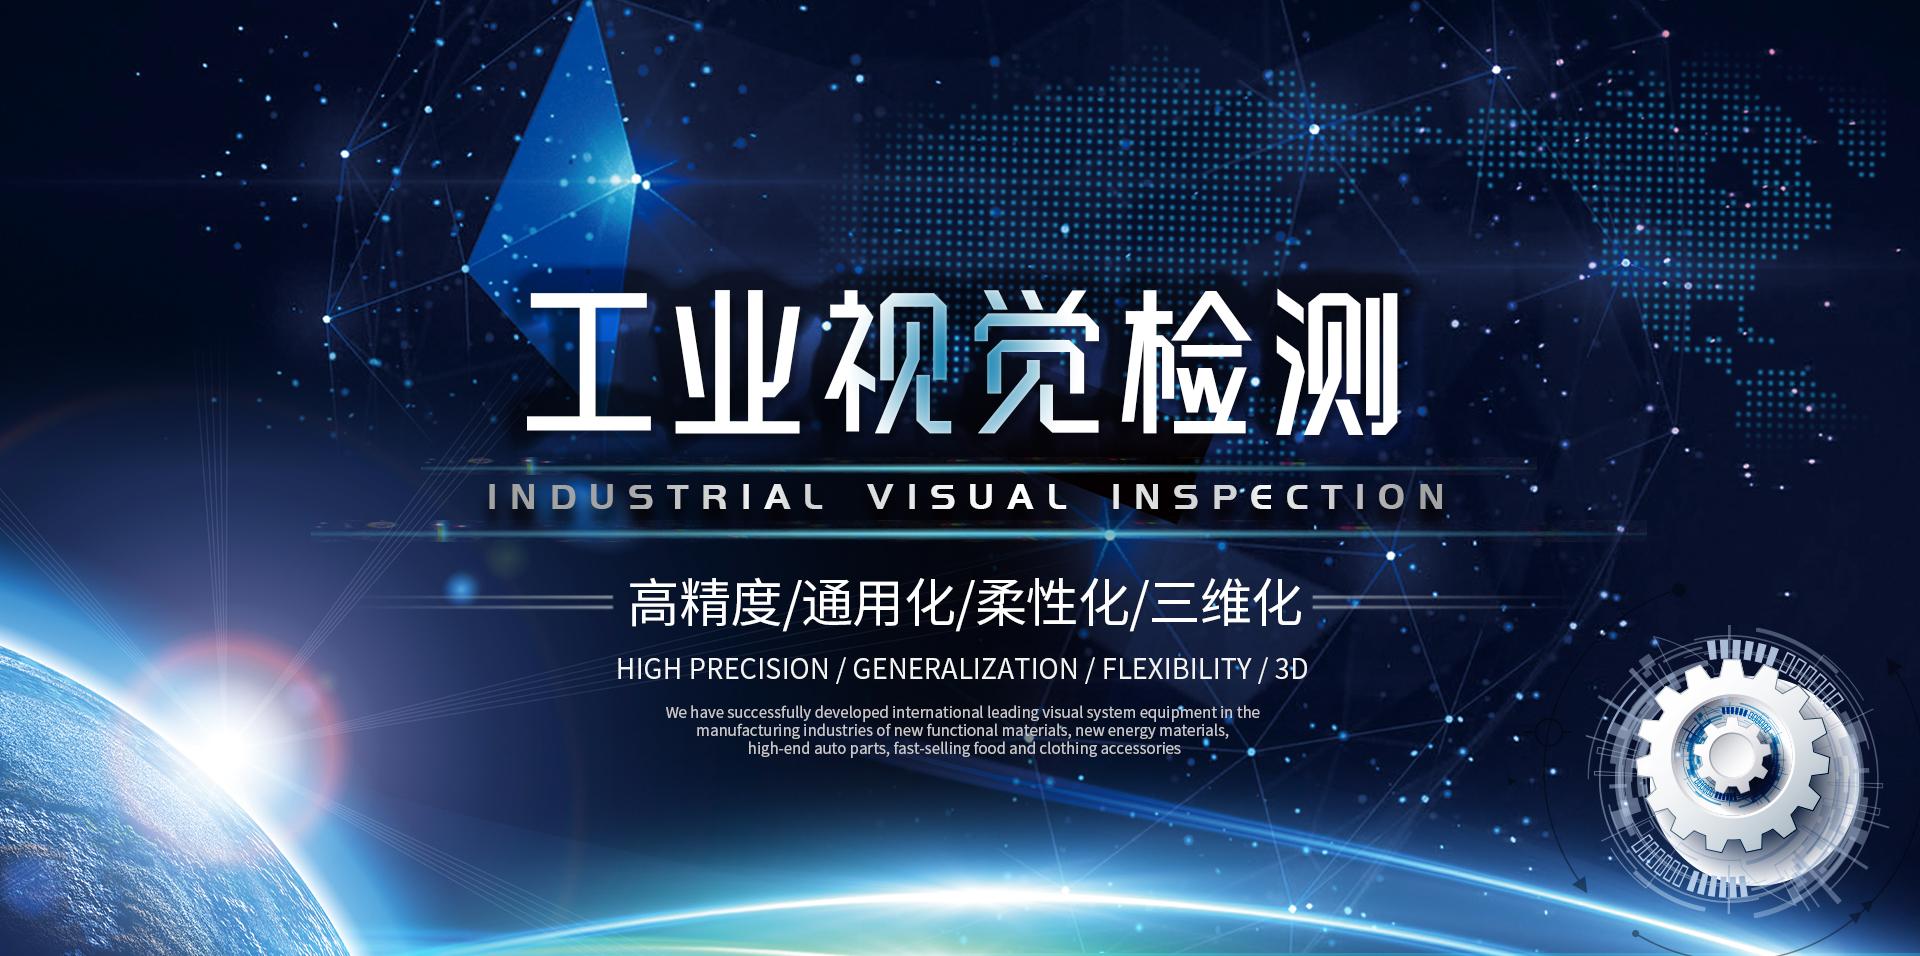 CCD检测,外观检测,视觉检测